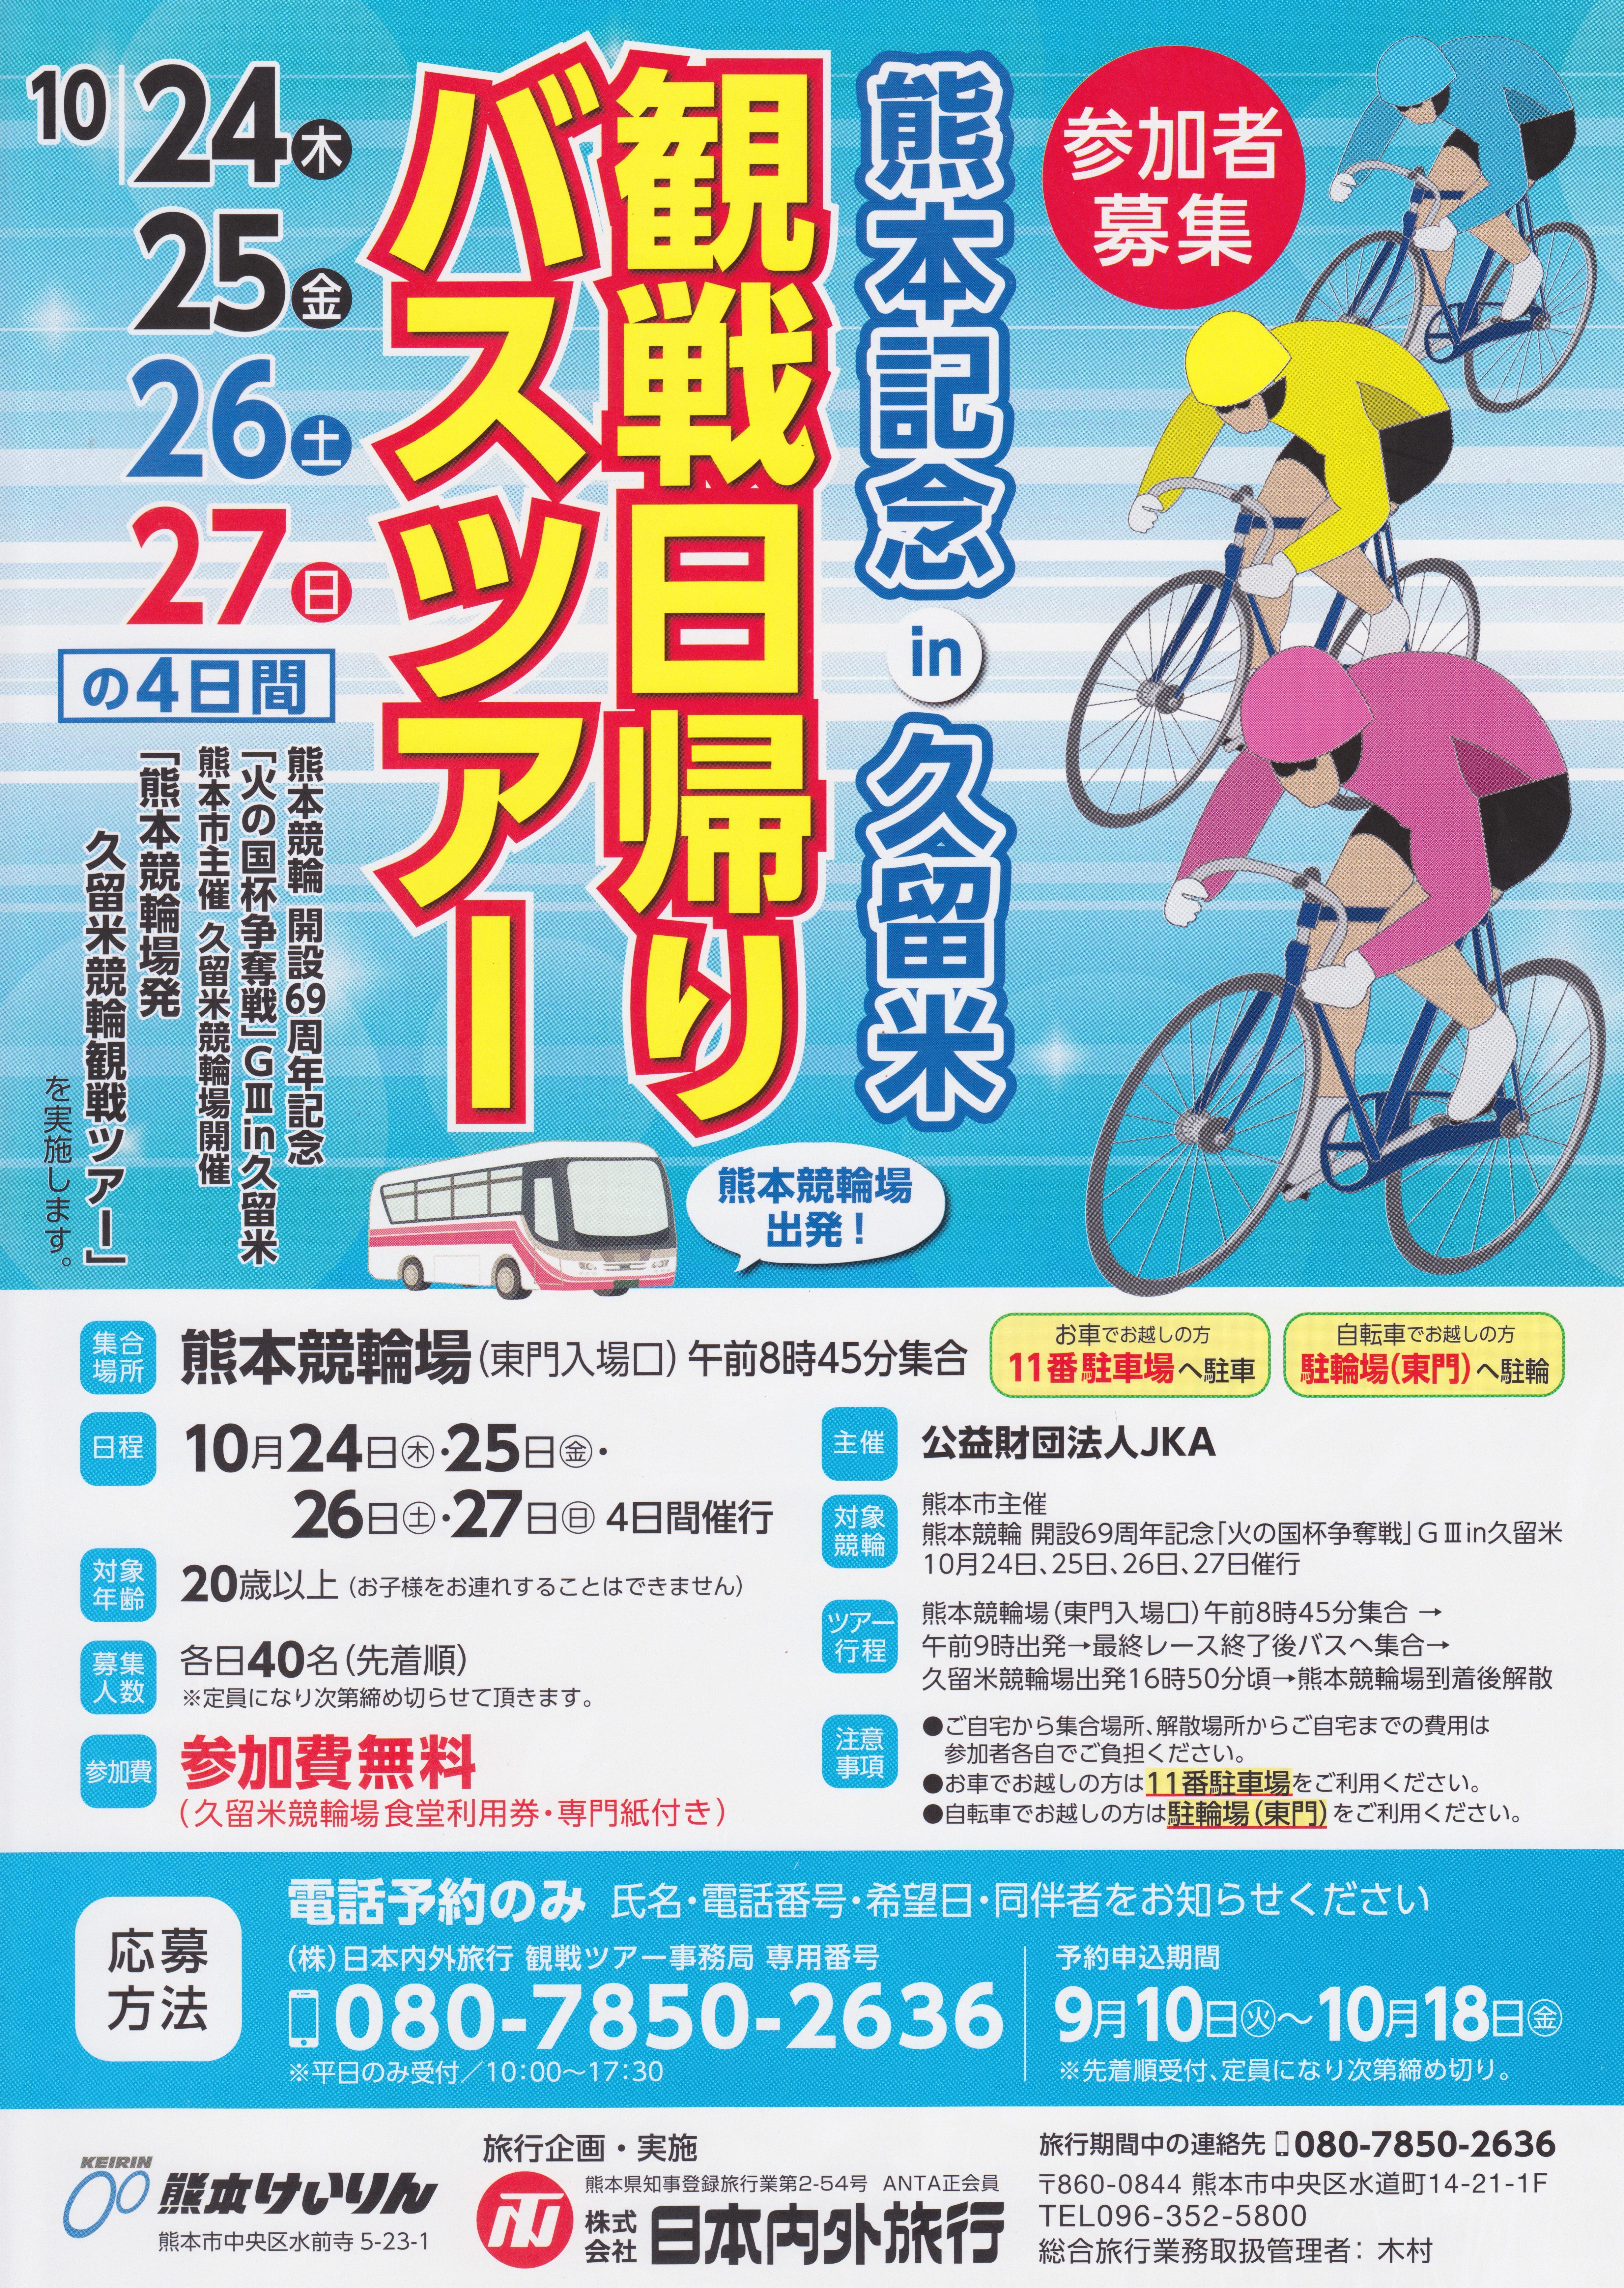 熊本競輪 無料バス